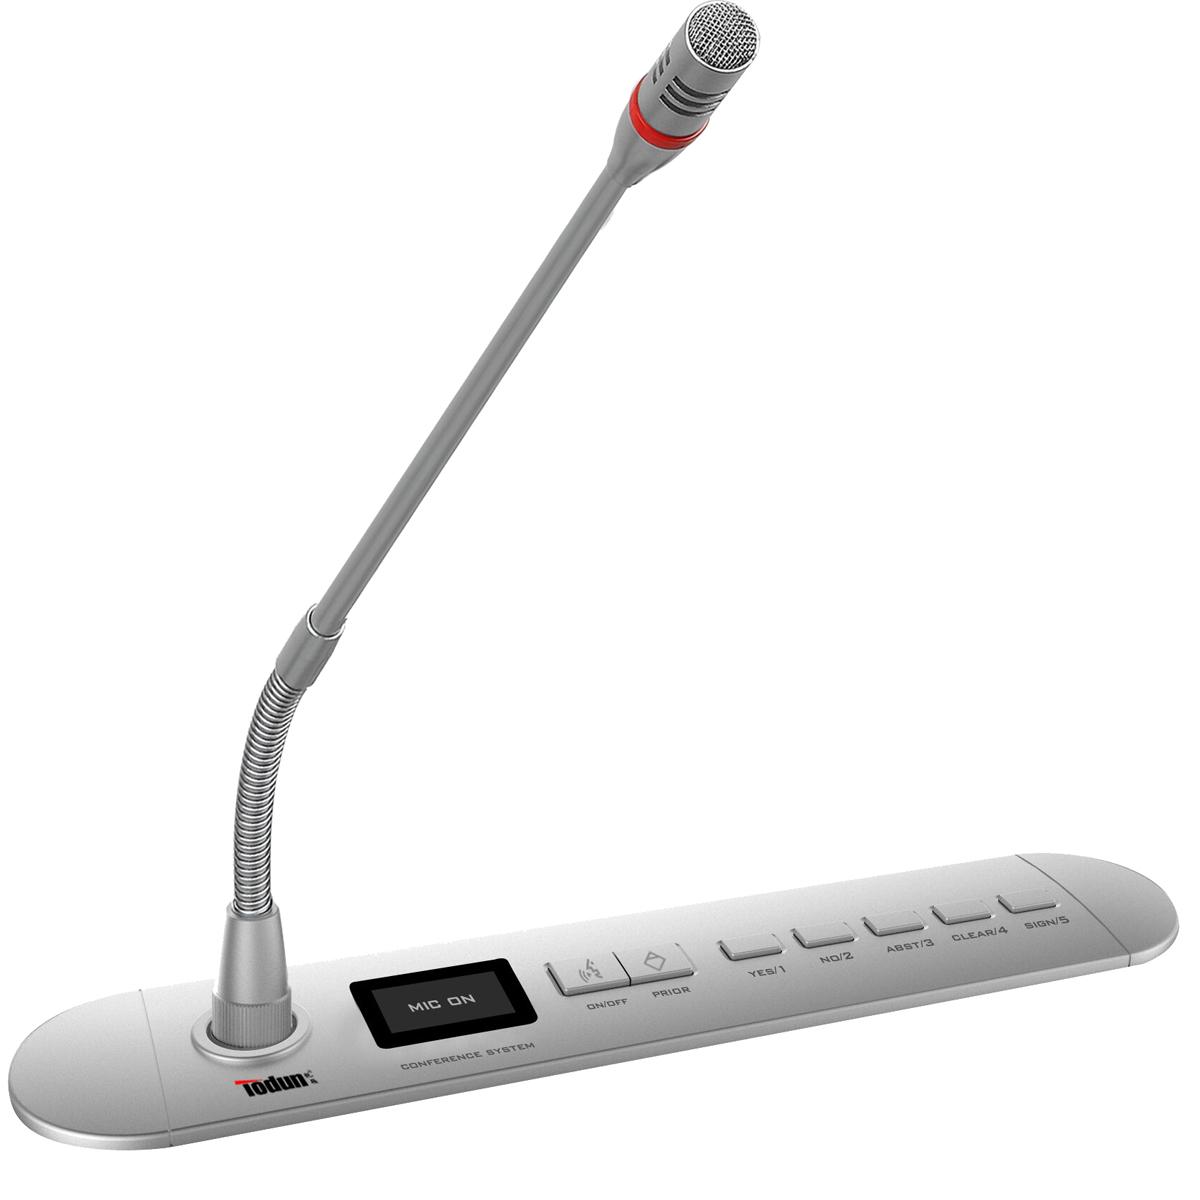 会议系统设备-数字会议系统TD1000 会议话筒列席单元TDRS7